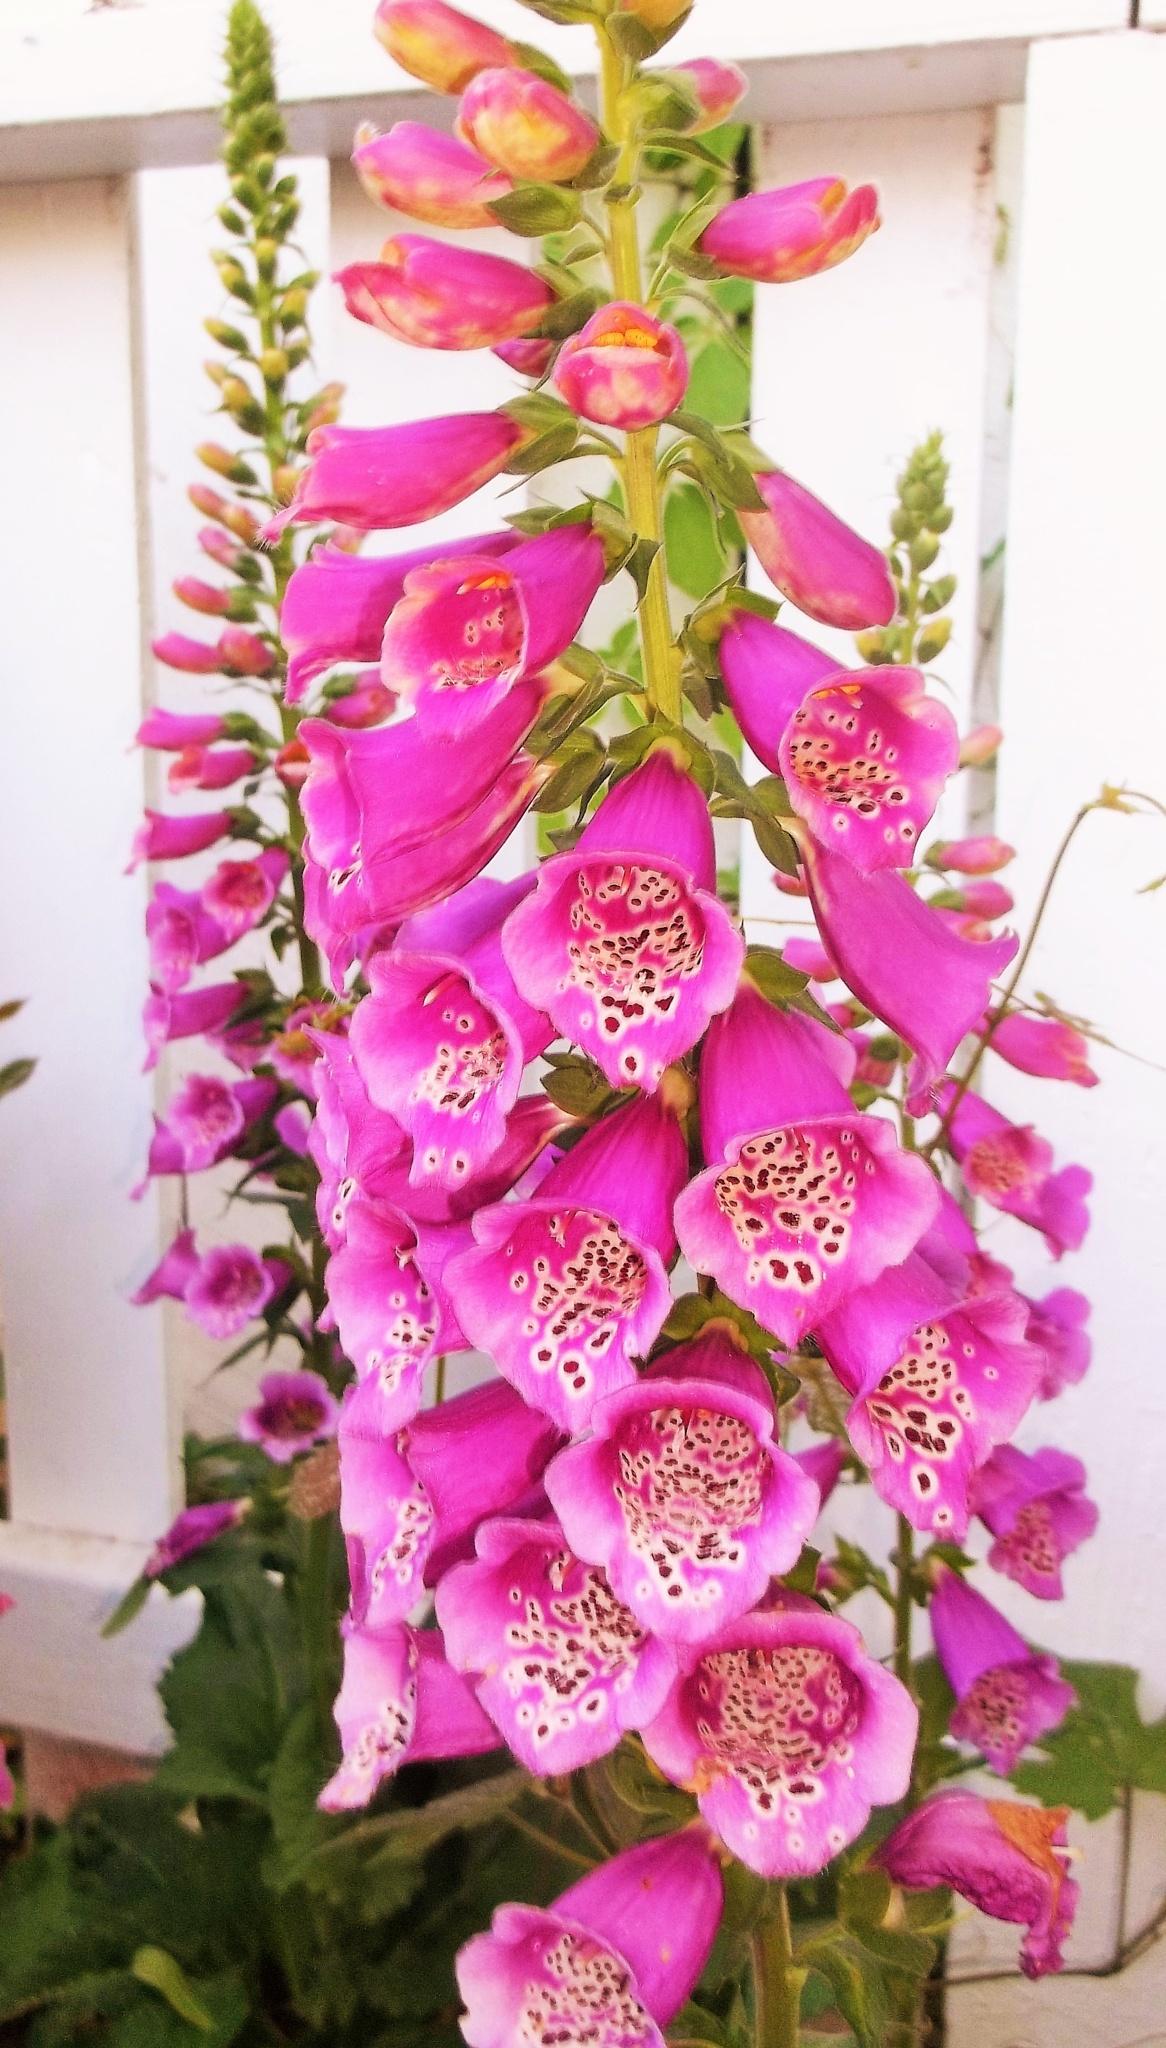 Pink Foxglove by Julie Piwaron